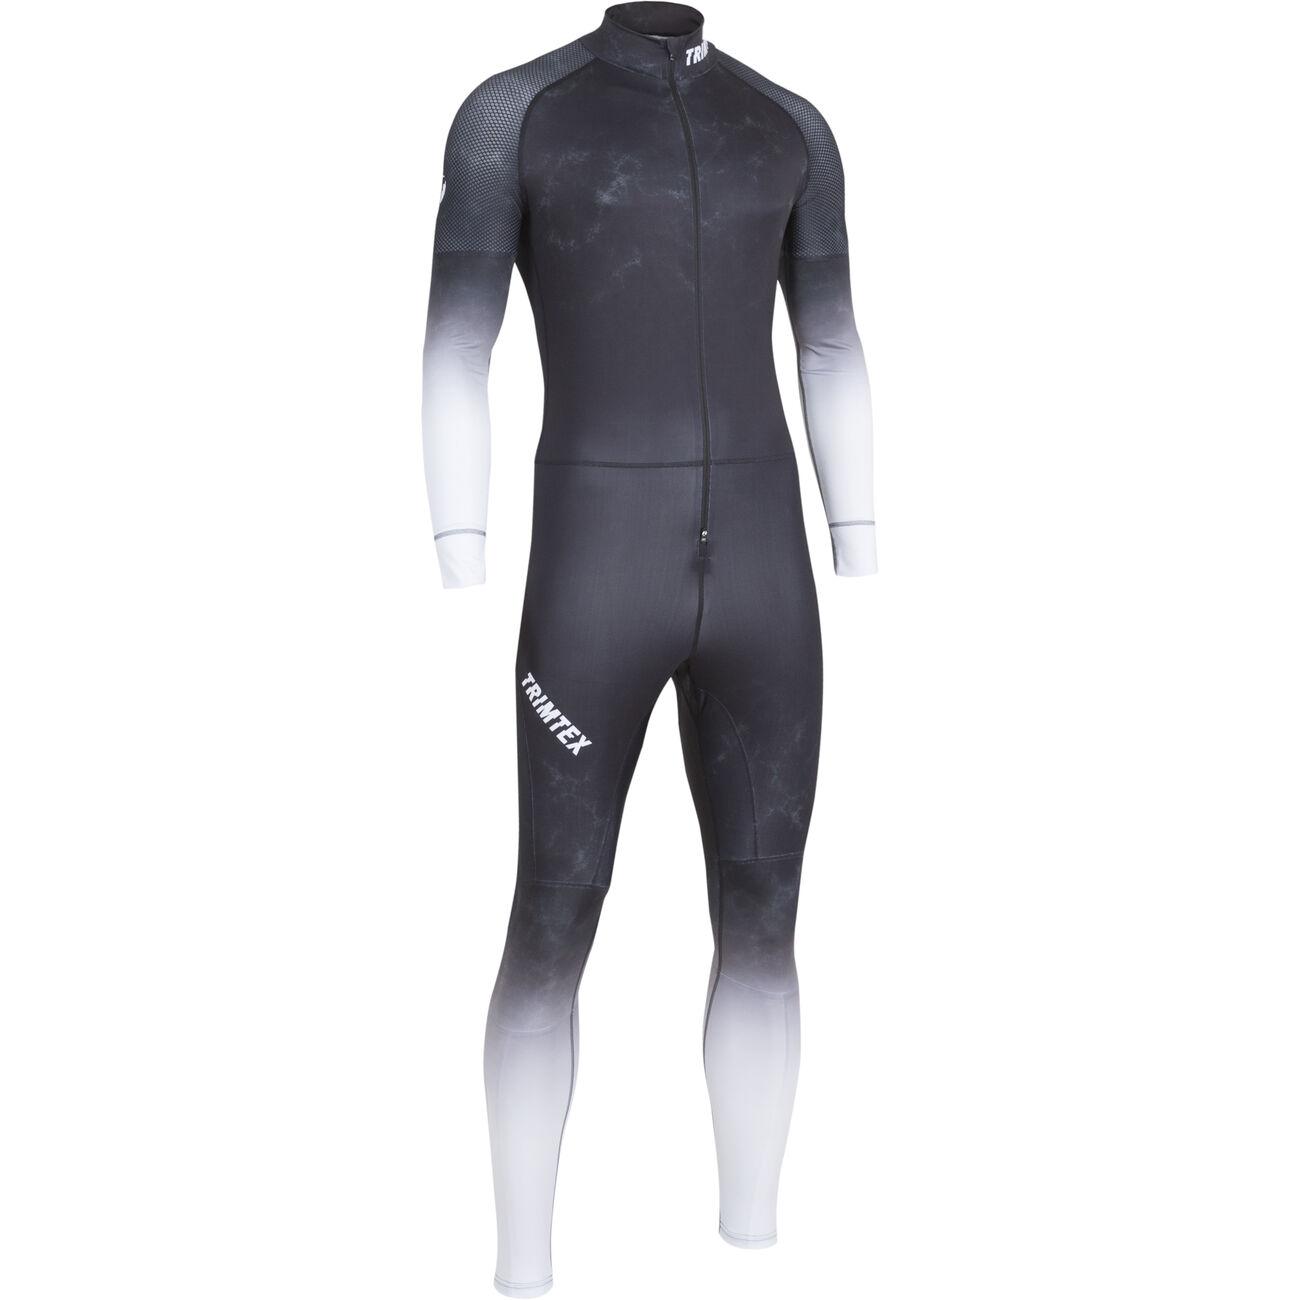 Compress Race suit men's - Revised